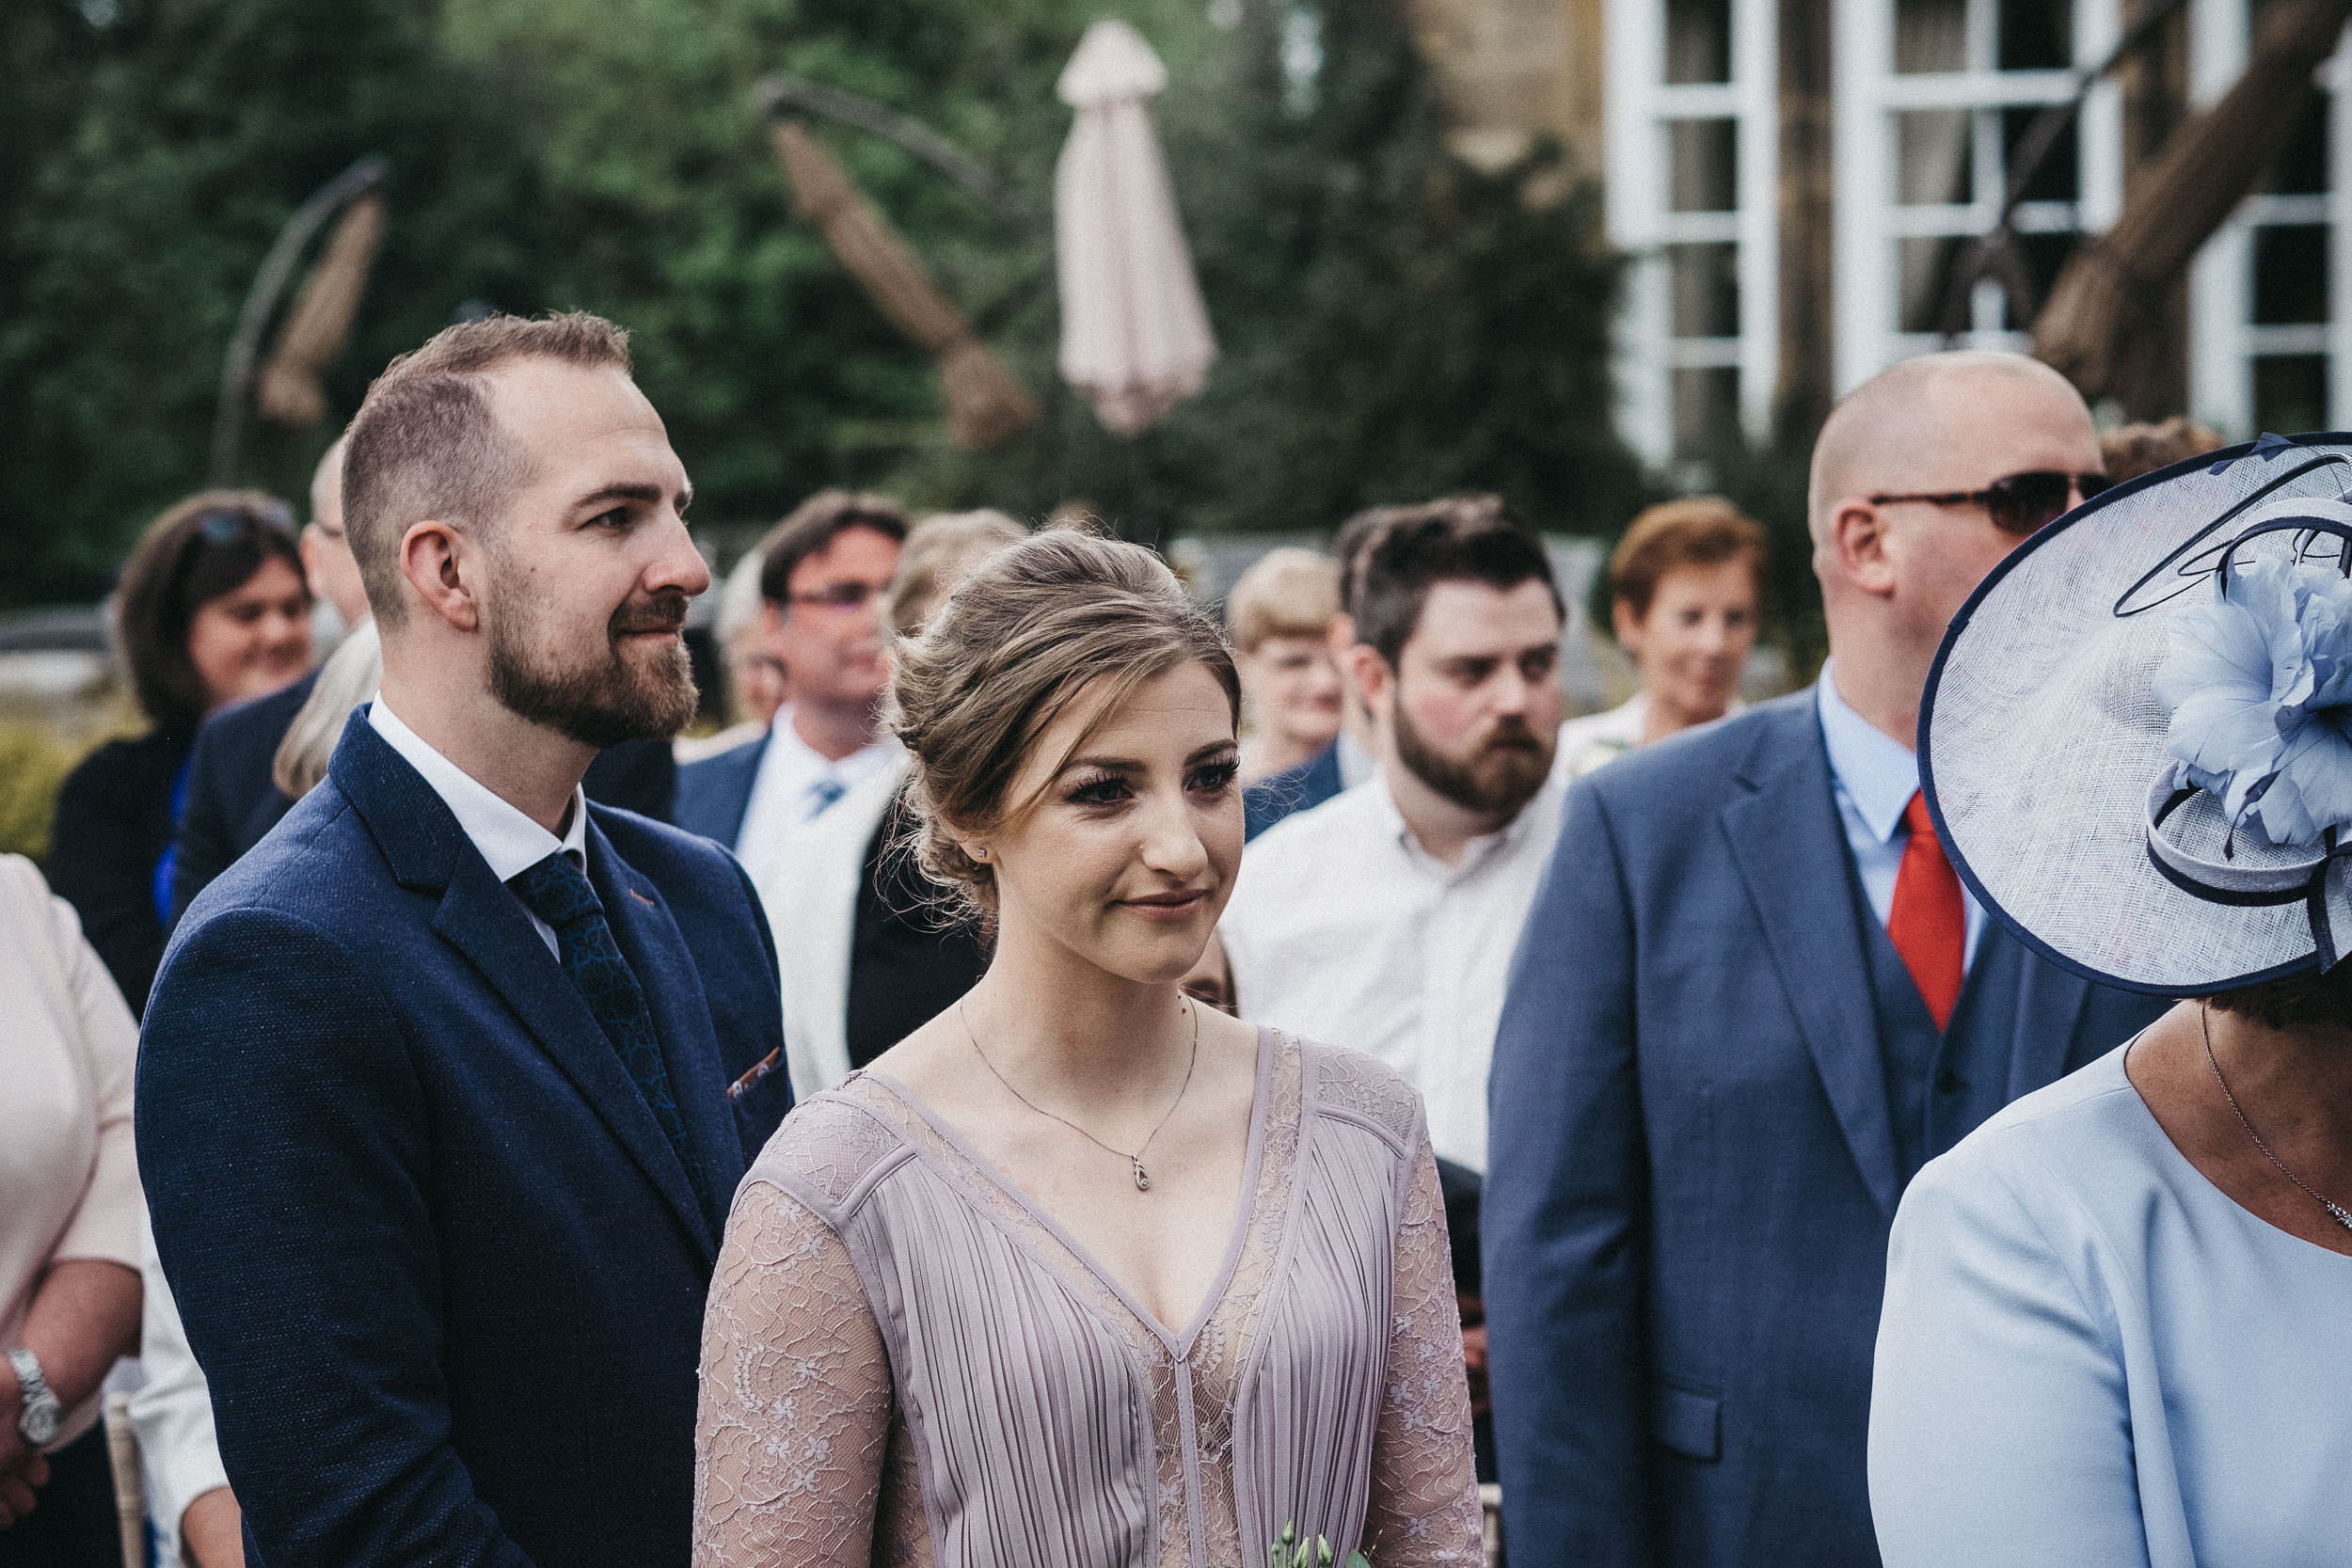 Emotional guests at wedding at Judges at Kirklevington Hall